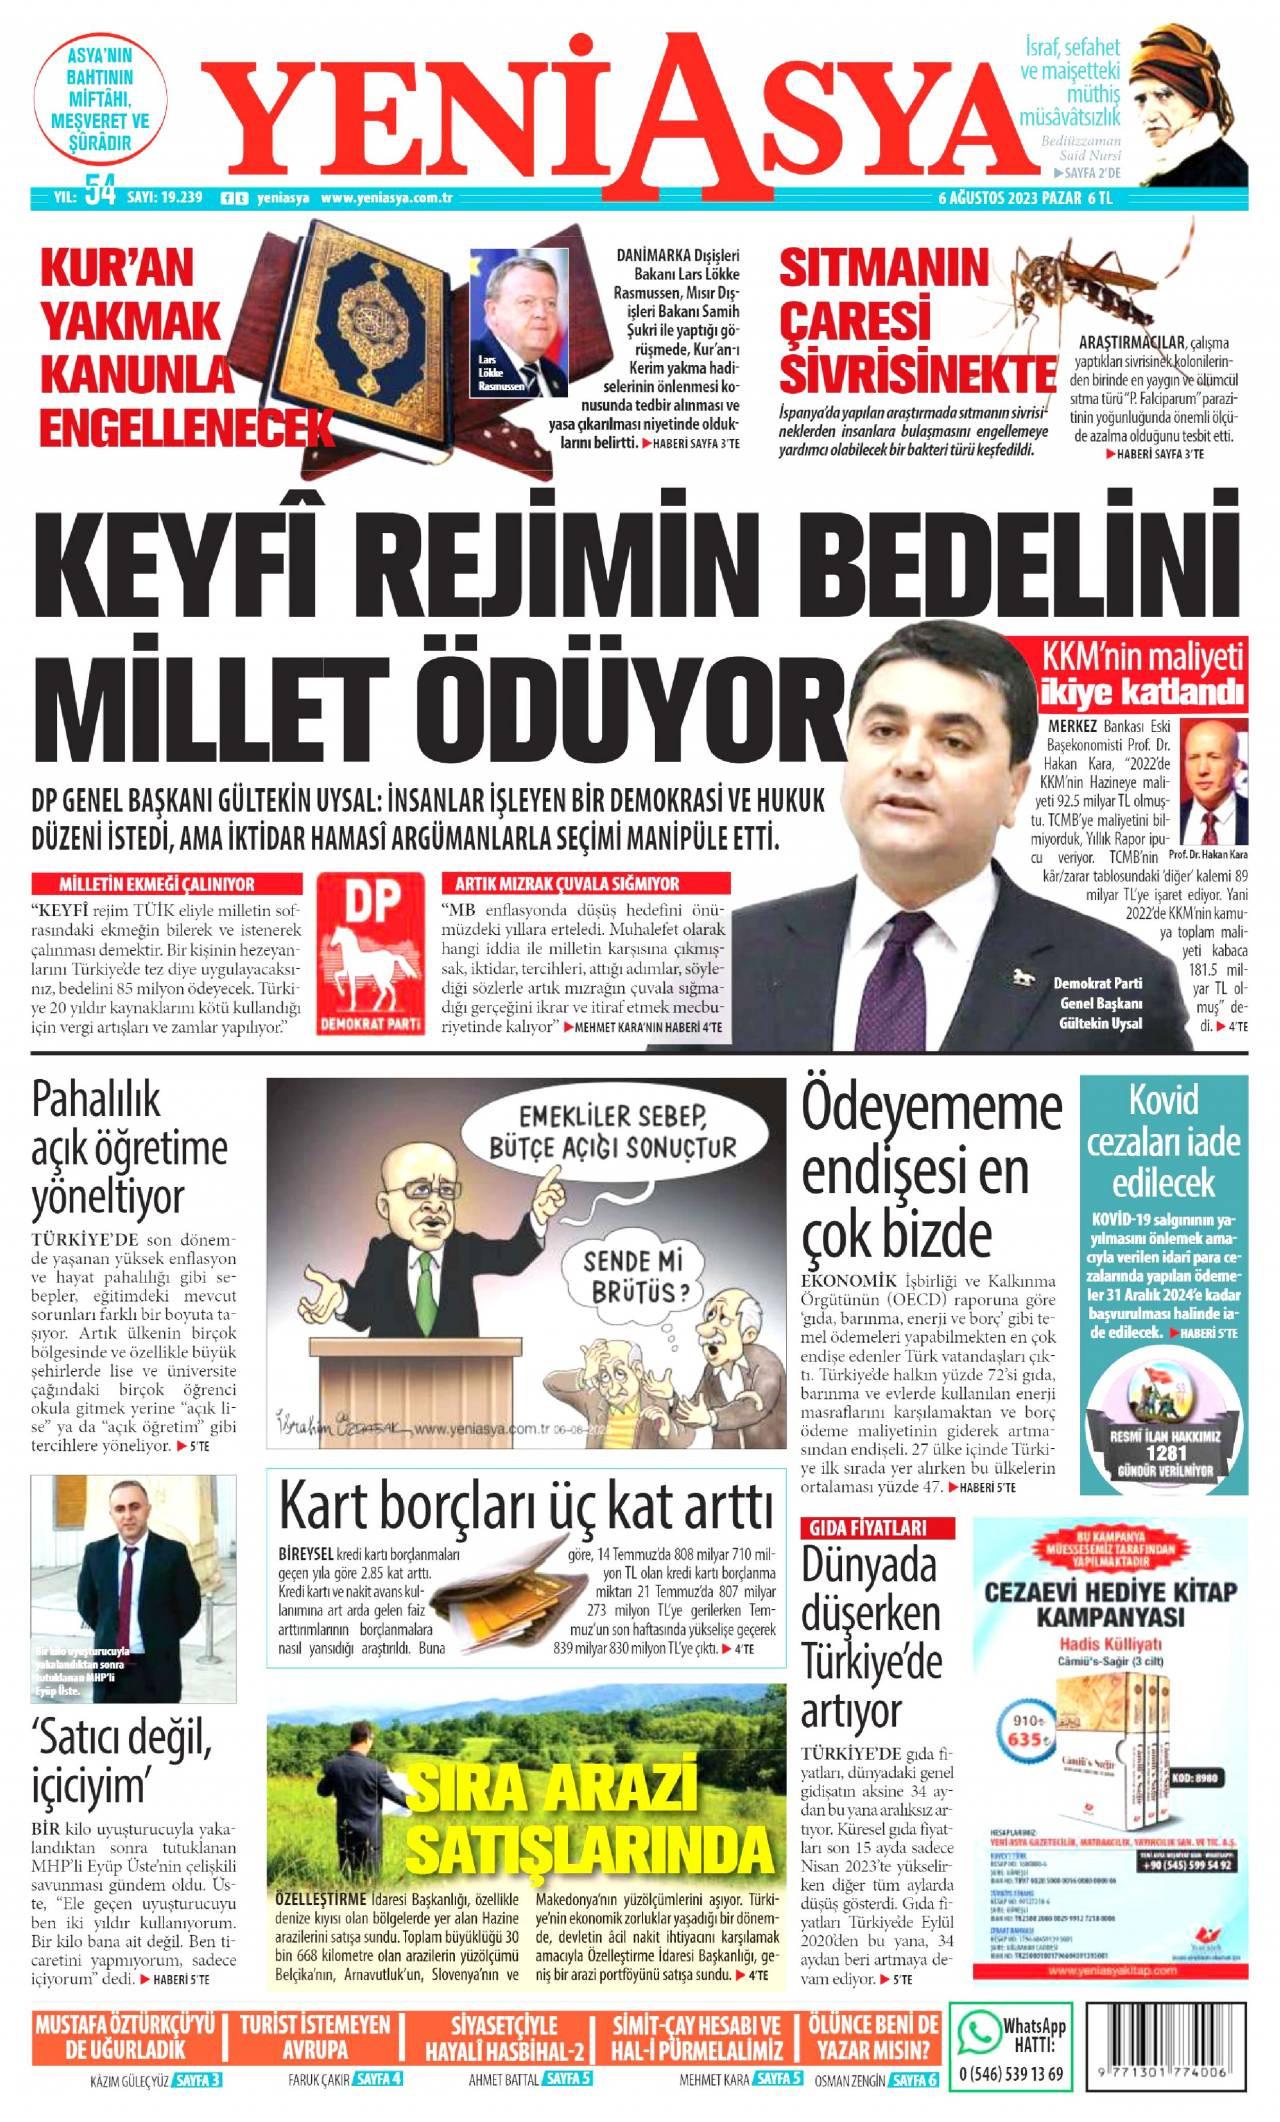 7 Temmuz 2020, Salı yeniasya Gazetesi